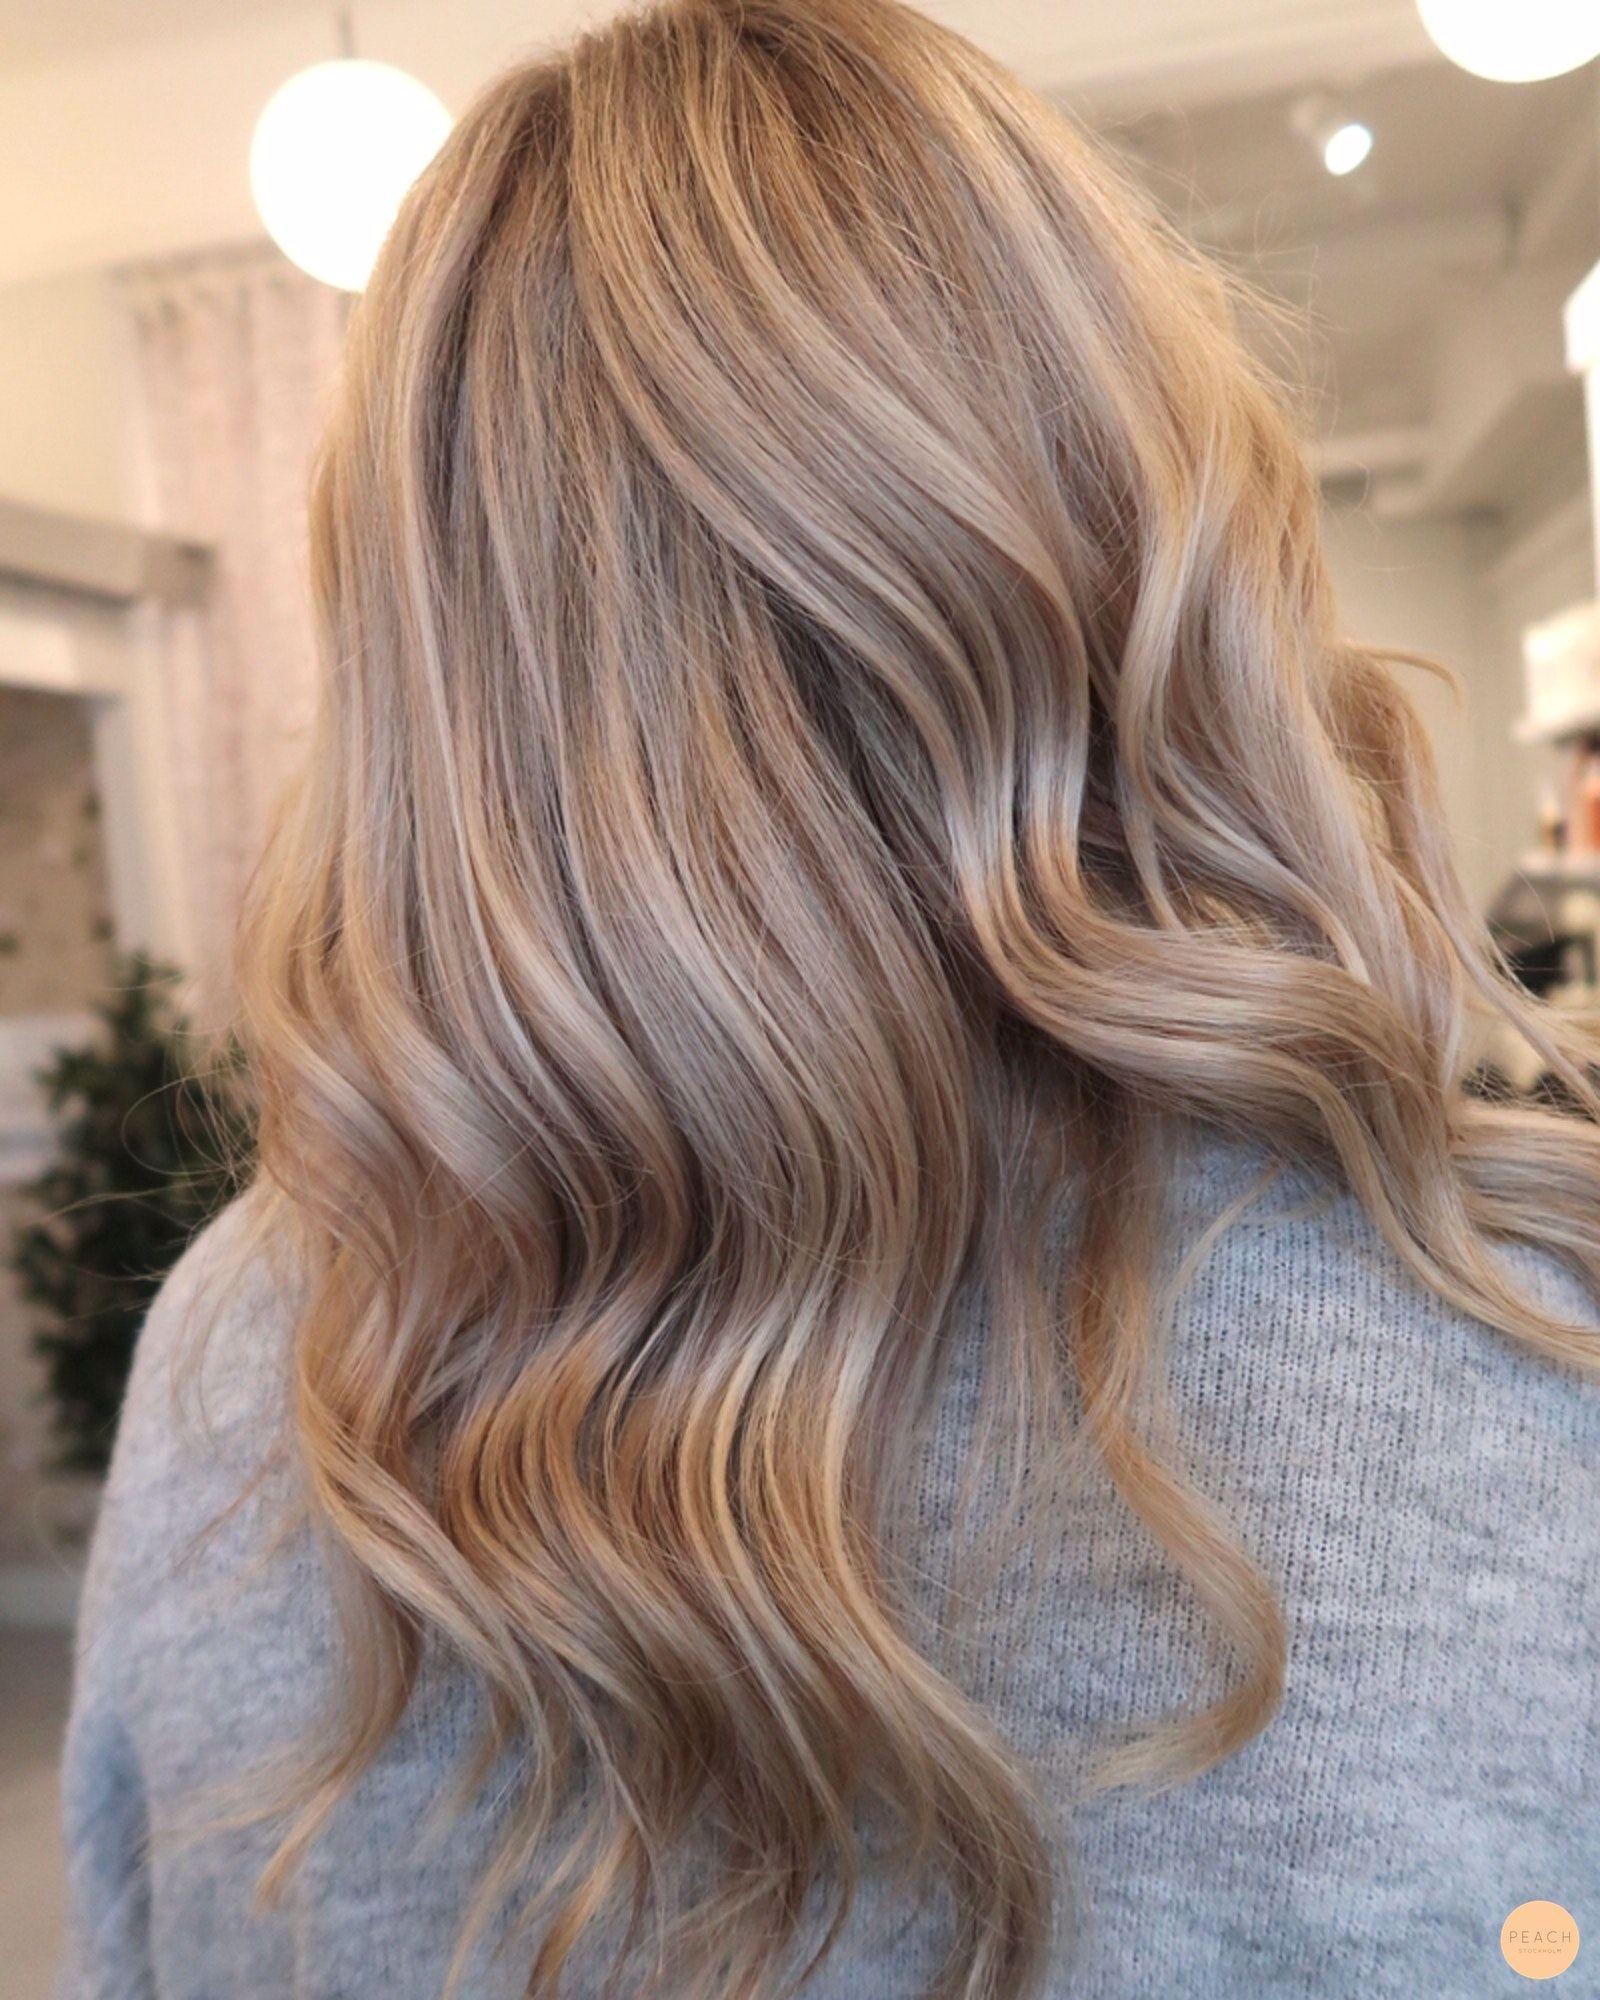 Pin By Carolanne Bertrand On Trend 2020 2021 Beige Blonde Hair Medium Blonde Hair Color Medium Blonde Hair